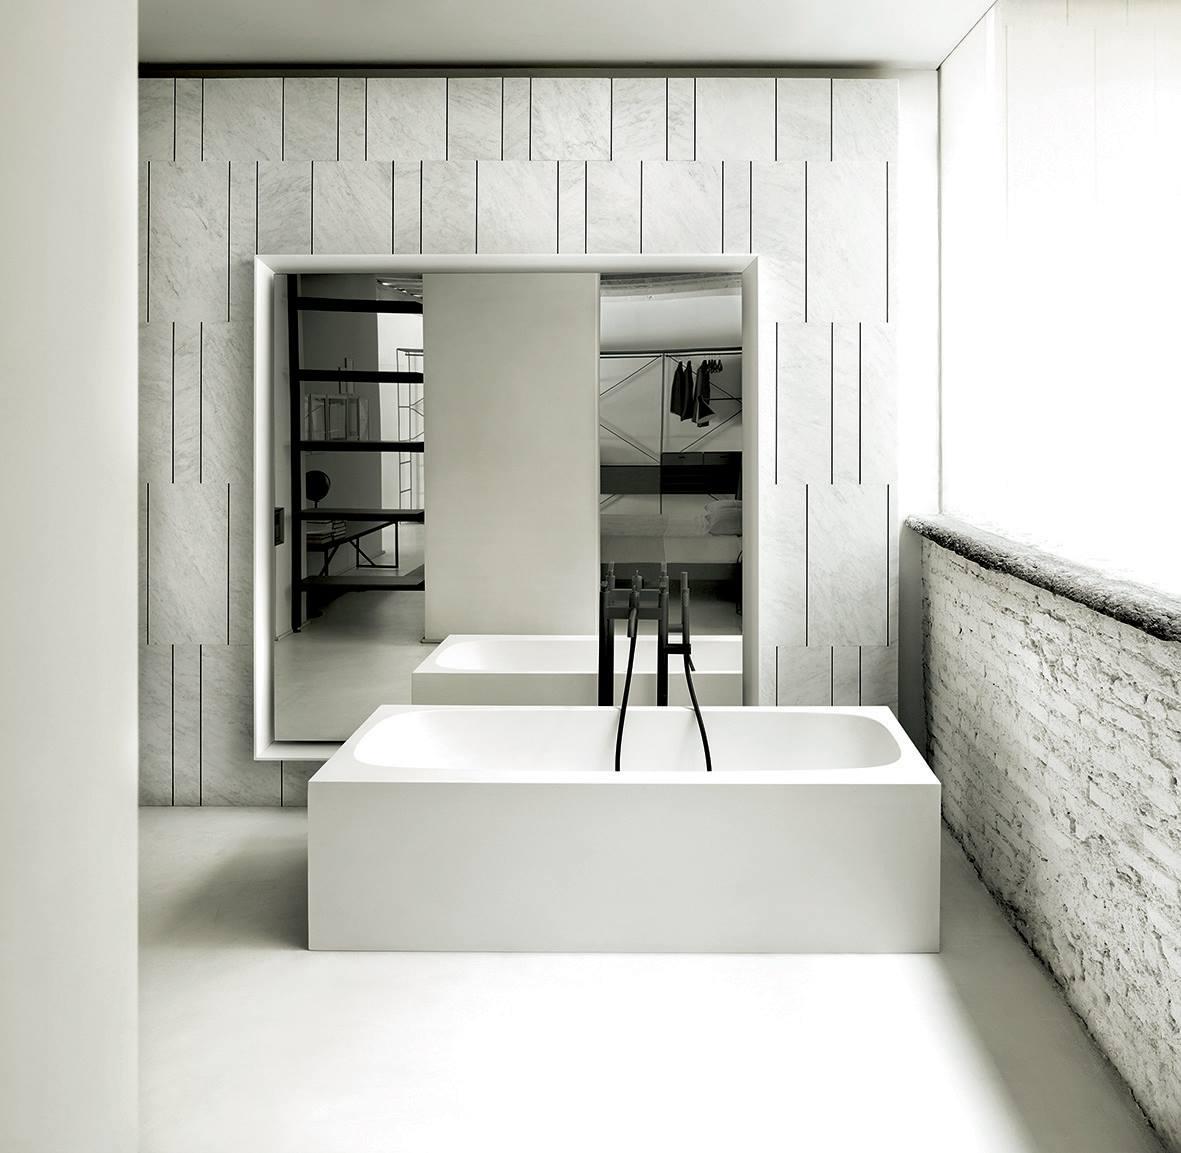 Italian Bathroom Design | Italian Bathroom Design Brands ...